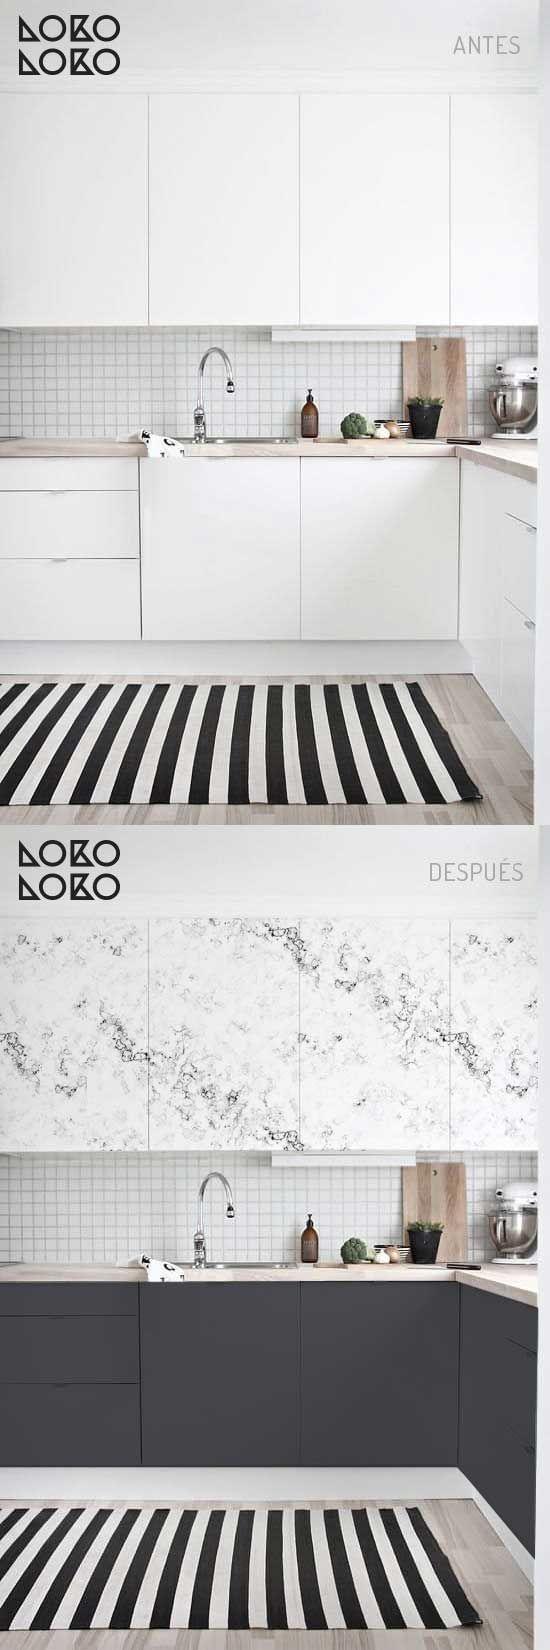 Redecoración de muebles de cocina con vinilo de texturas y colores planos · #lokolokodecora